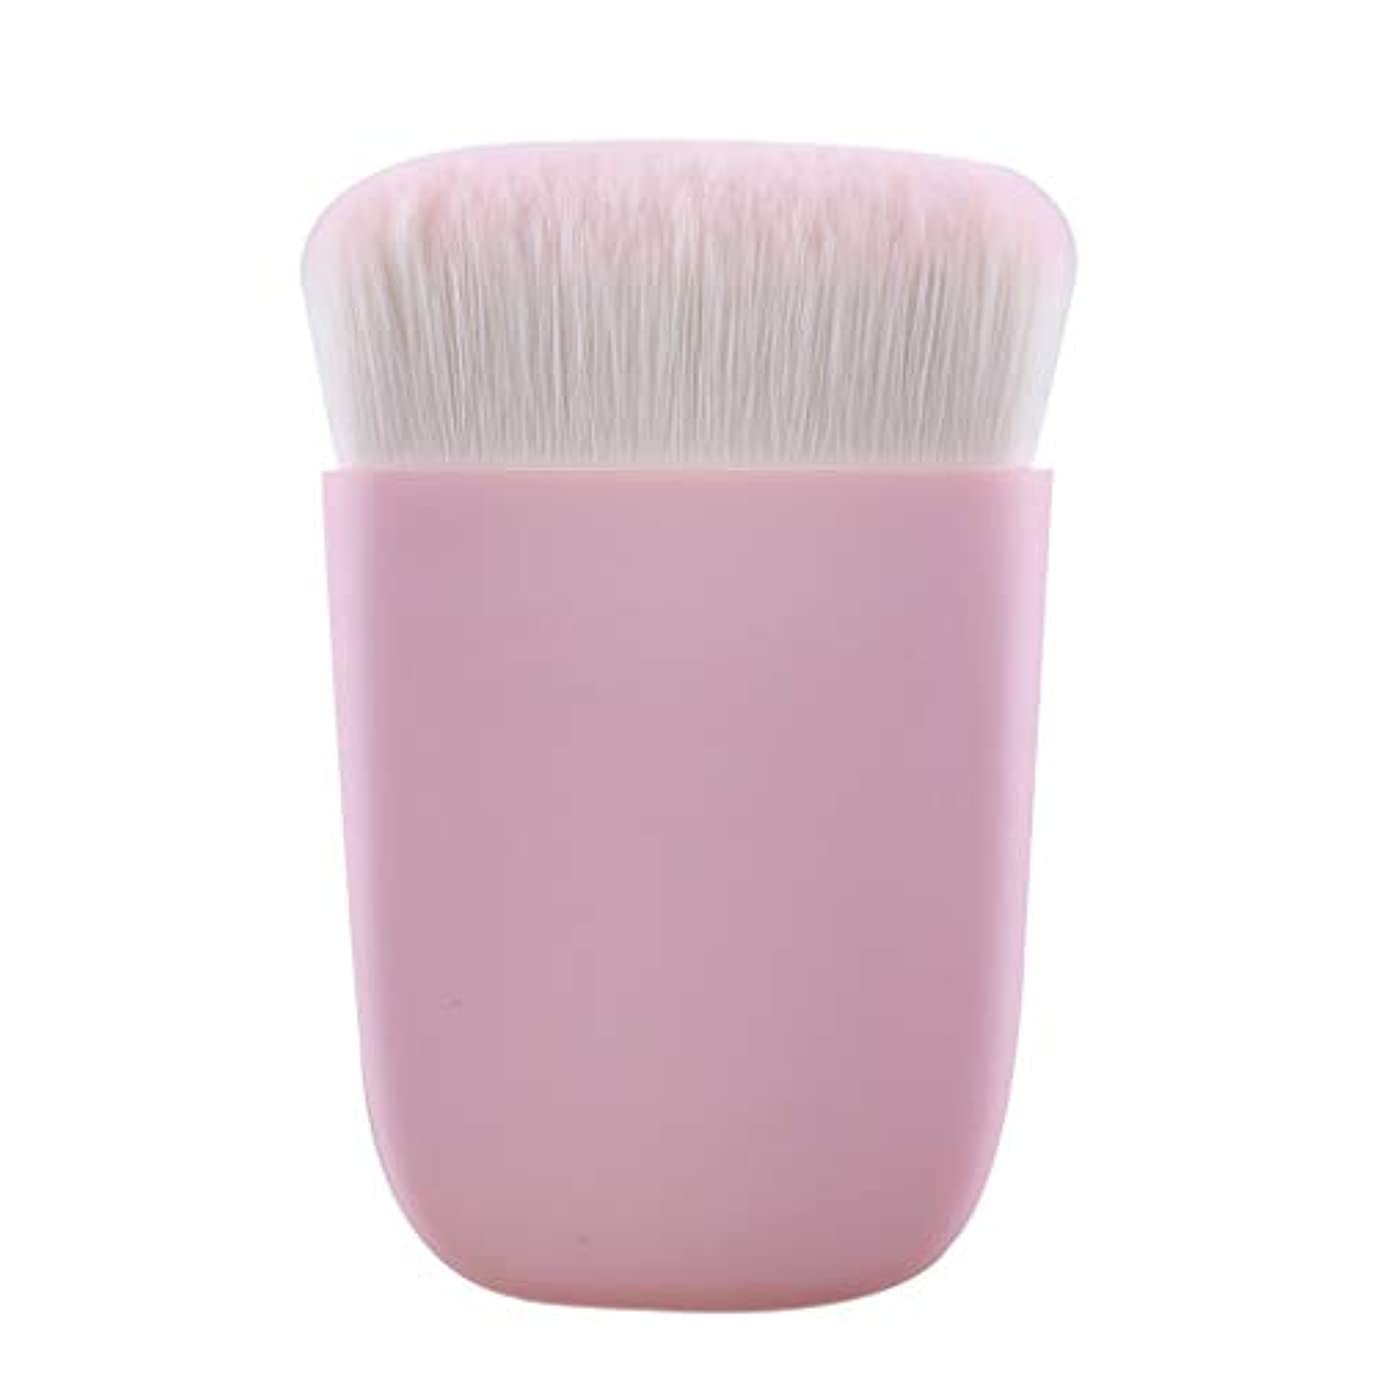 インディカネイティブ寮LLKOZZ ハロウィンメイクブラシ多機能フラットブラシポータブルルースパウダー赤面修理能力初心者美容ブラシ (Color : Pink)